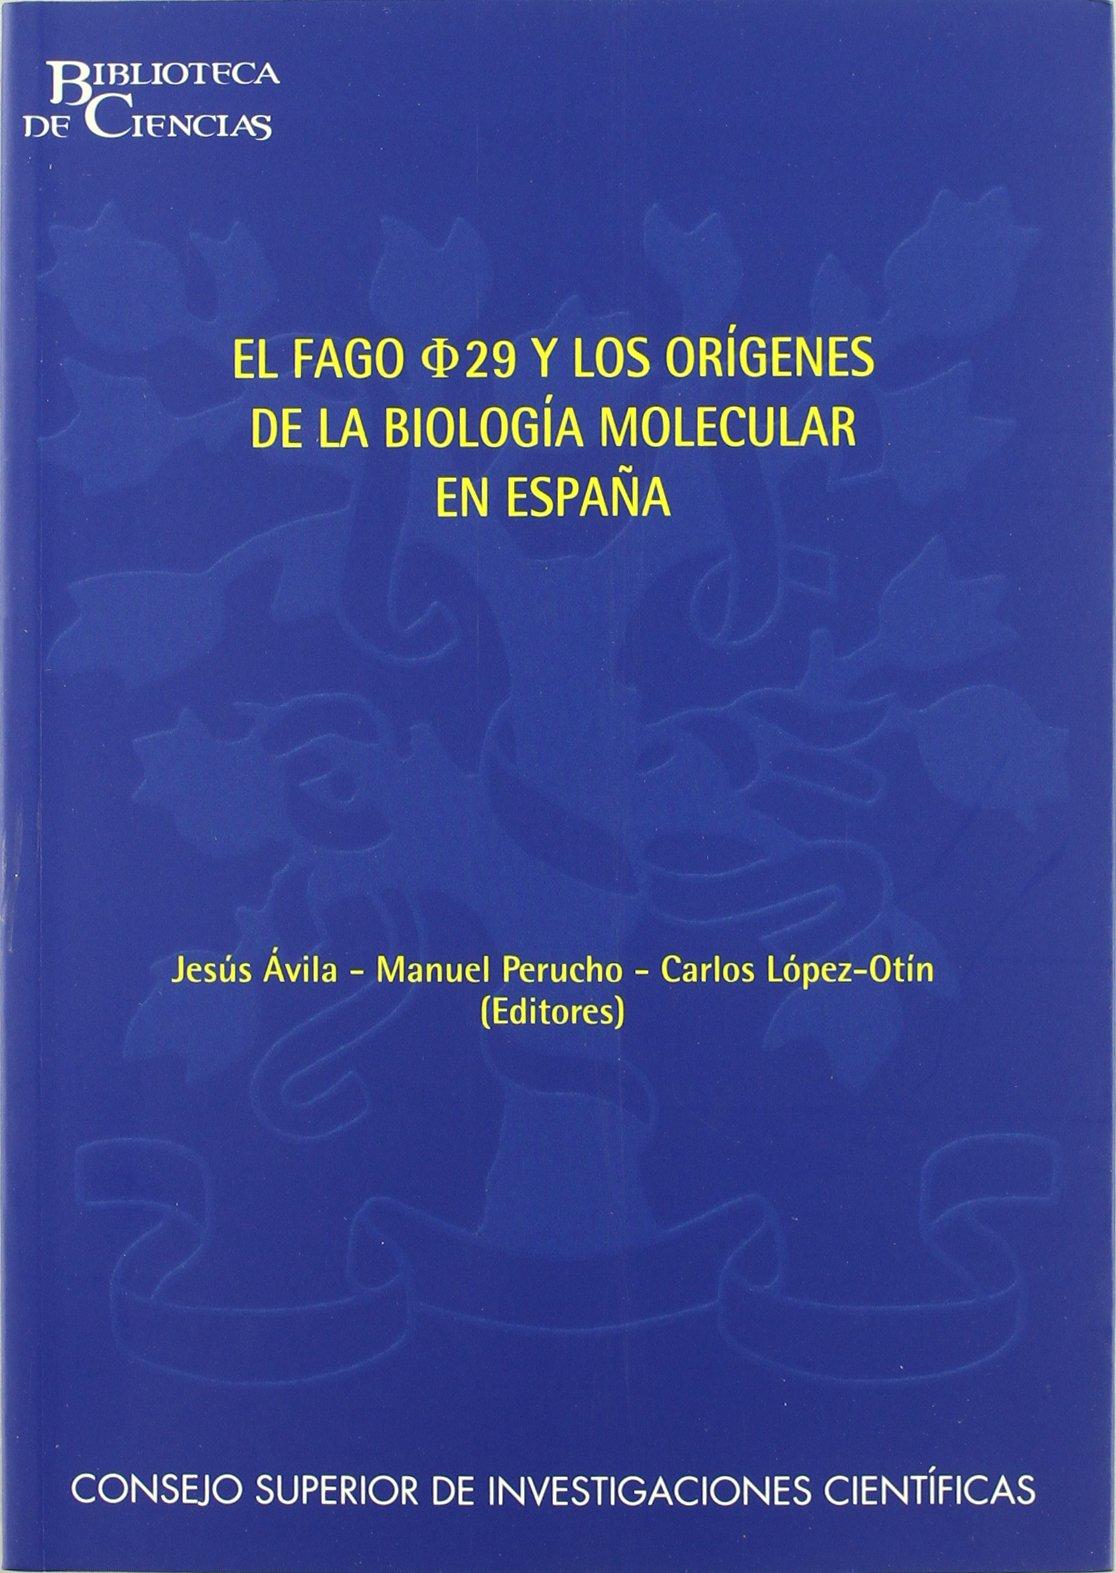 El fago phi 29 y los orígenes de la biología molecular en España Biblioteca de Ciencias: Amazon.es: Perucho, Manuel, López Otín, Carlos: Libros